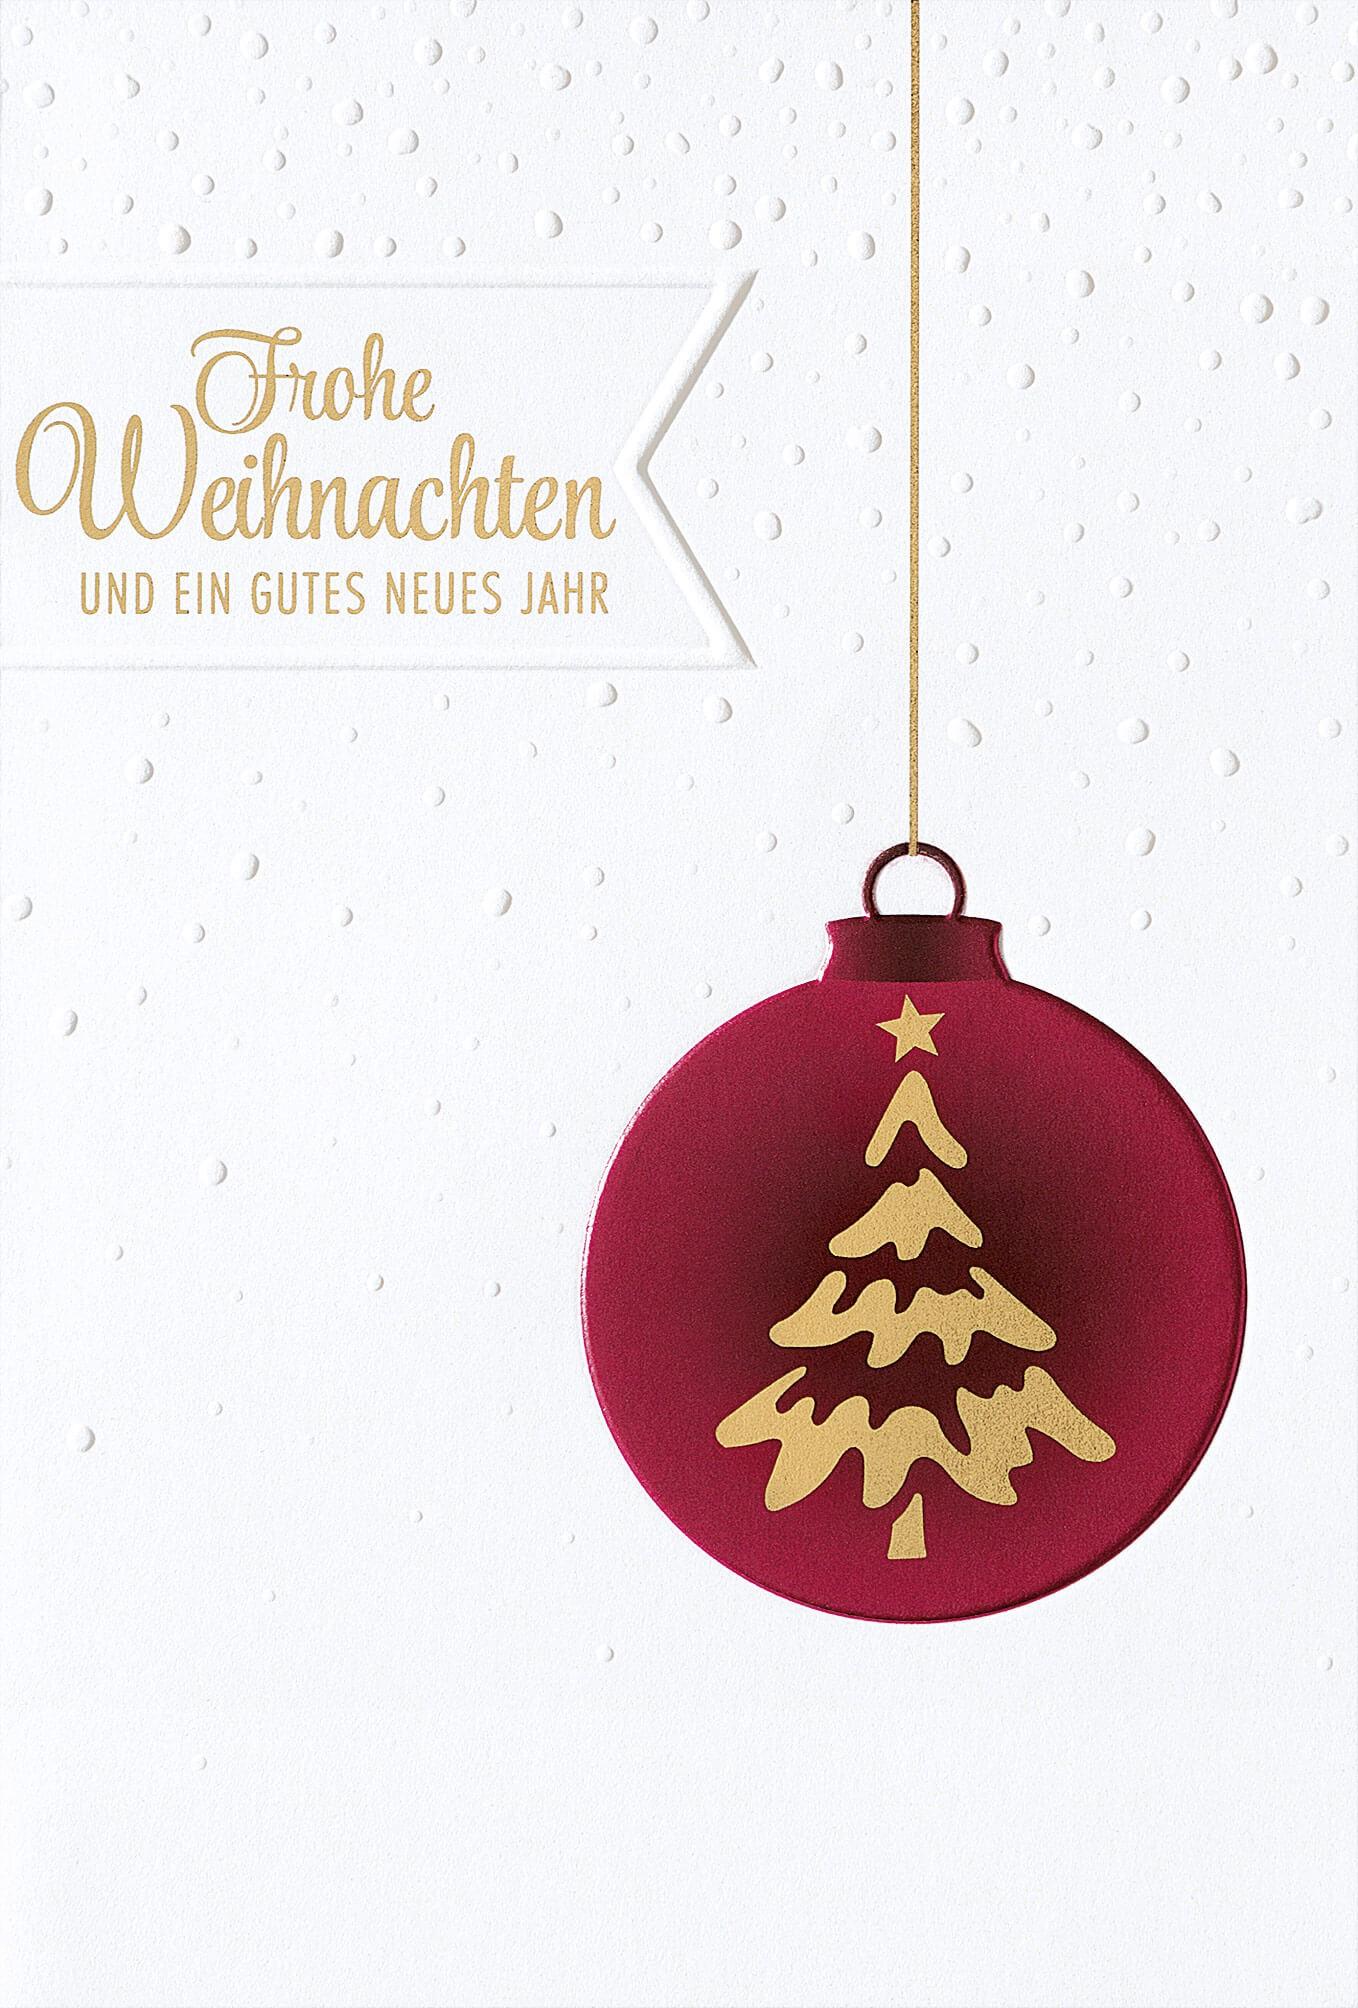 Rote Weihnachtskarten.Weihnachtskarte In Weiß Mit Roter Baumkugel Foliendruck Und Prägung